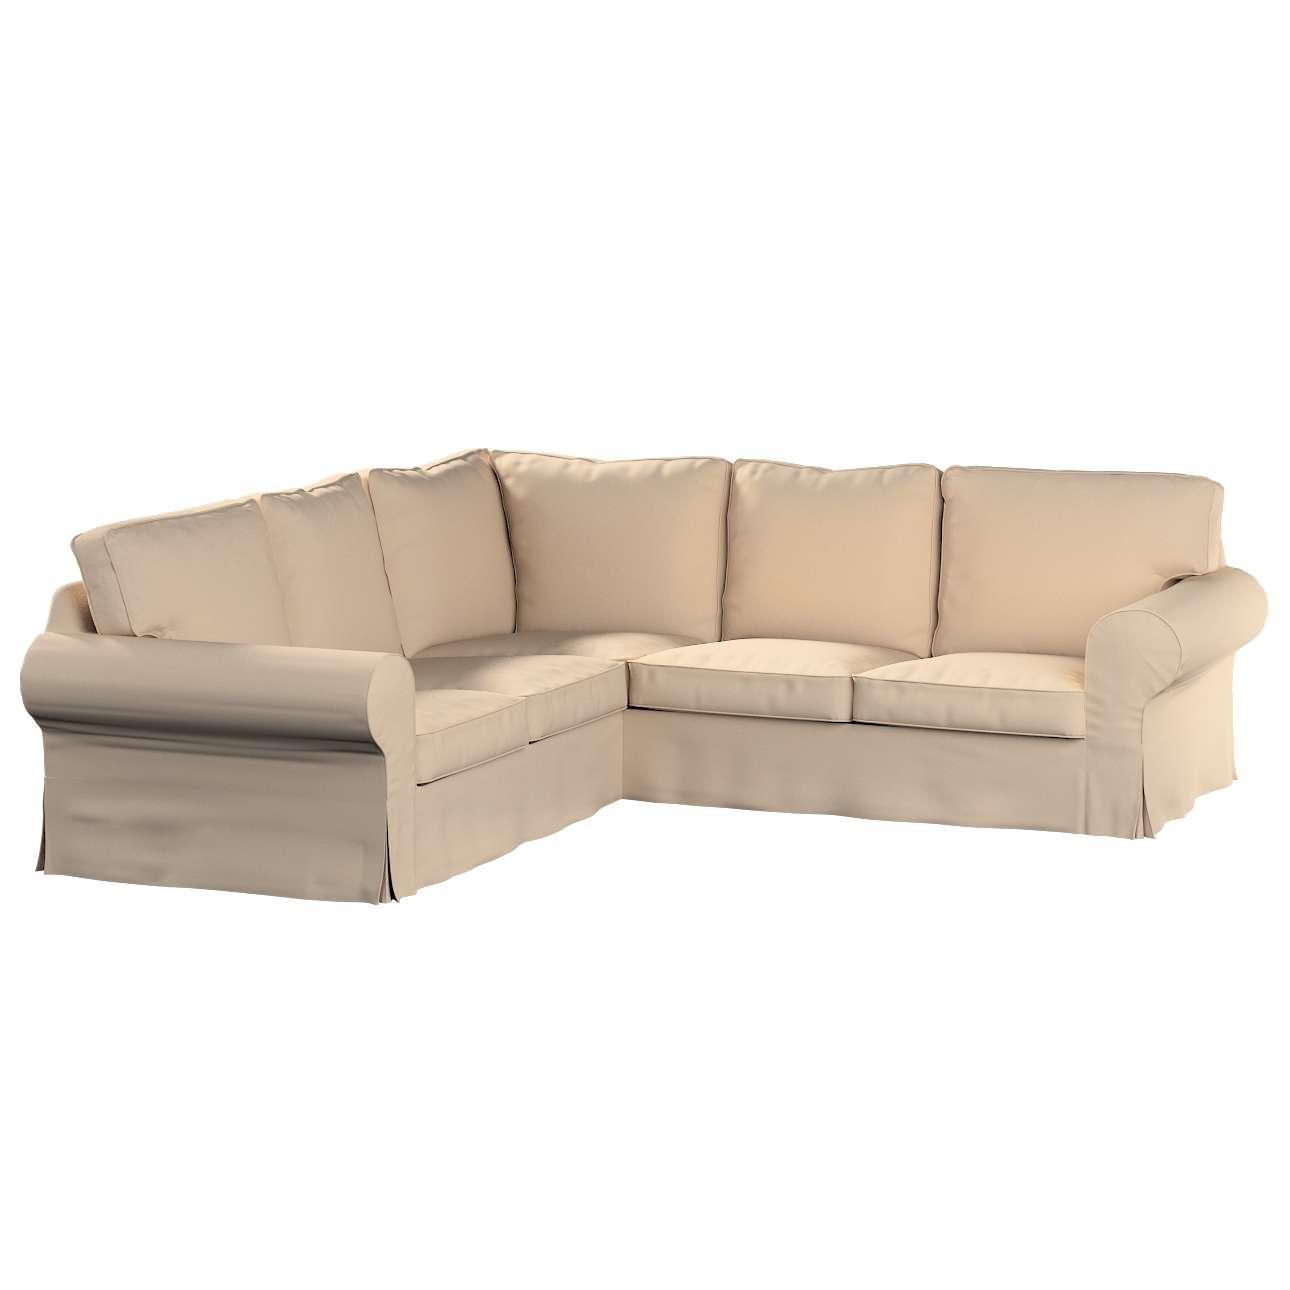 Pokrowiec na sofę narożną Ektorp w kolekcji Living, tkanina: 160-61